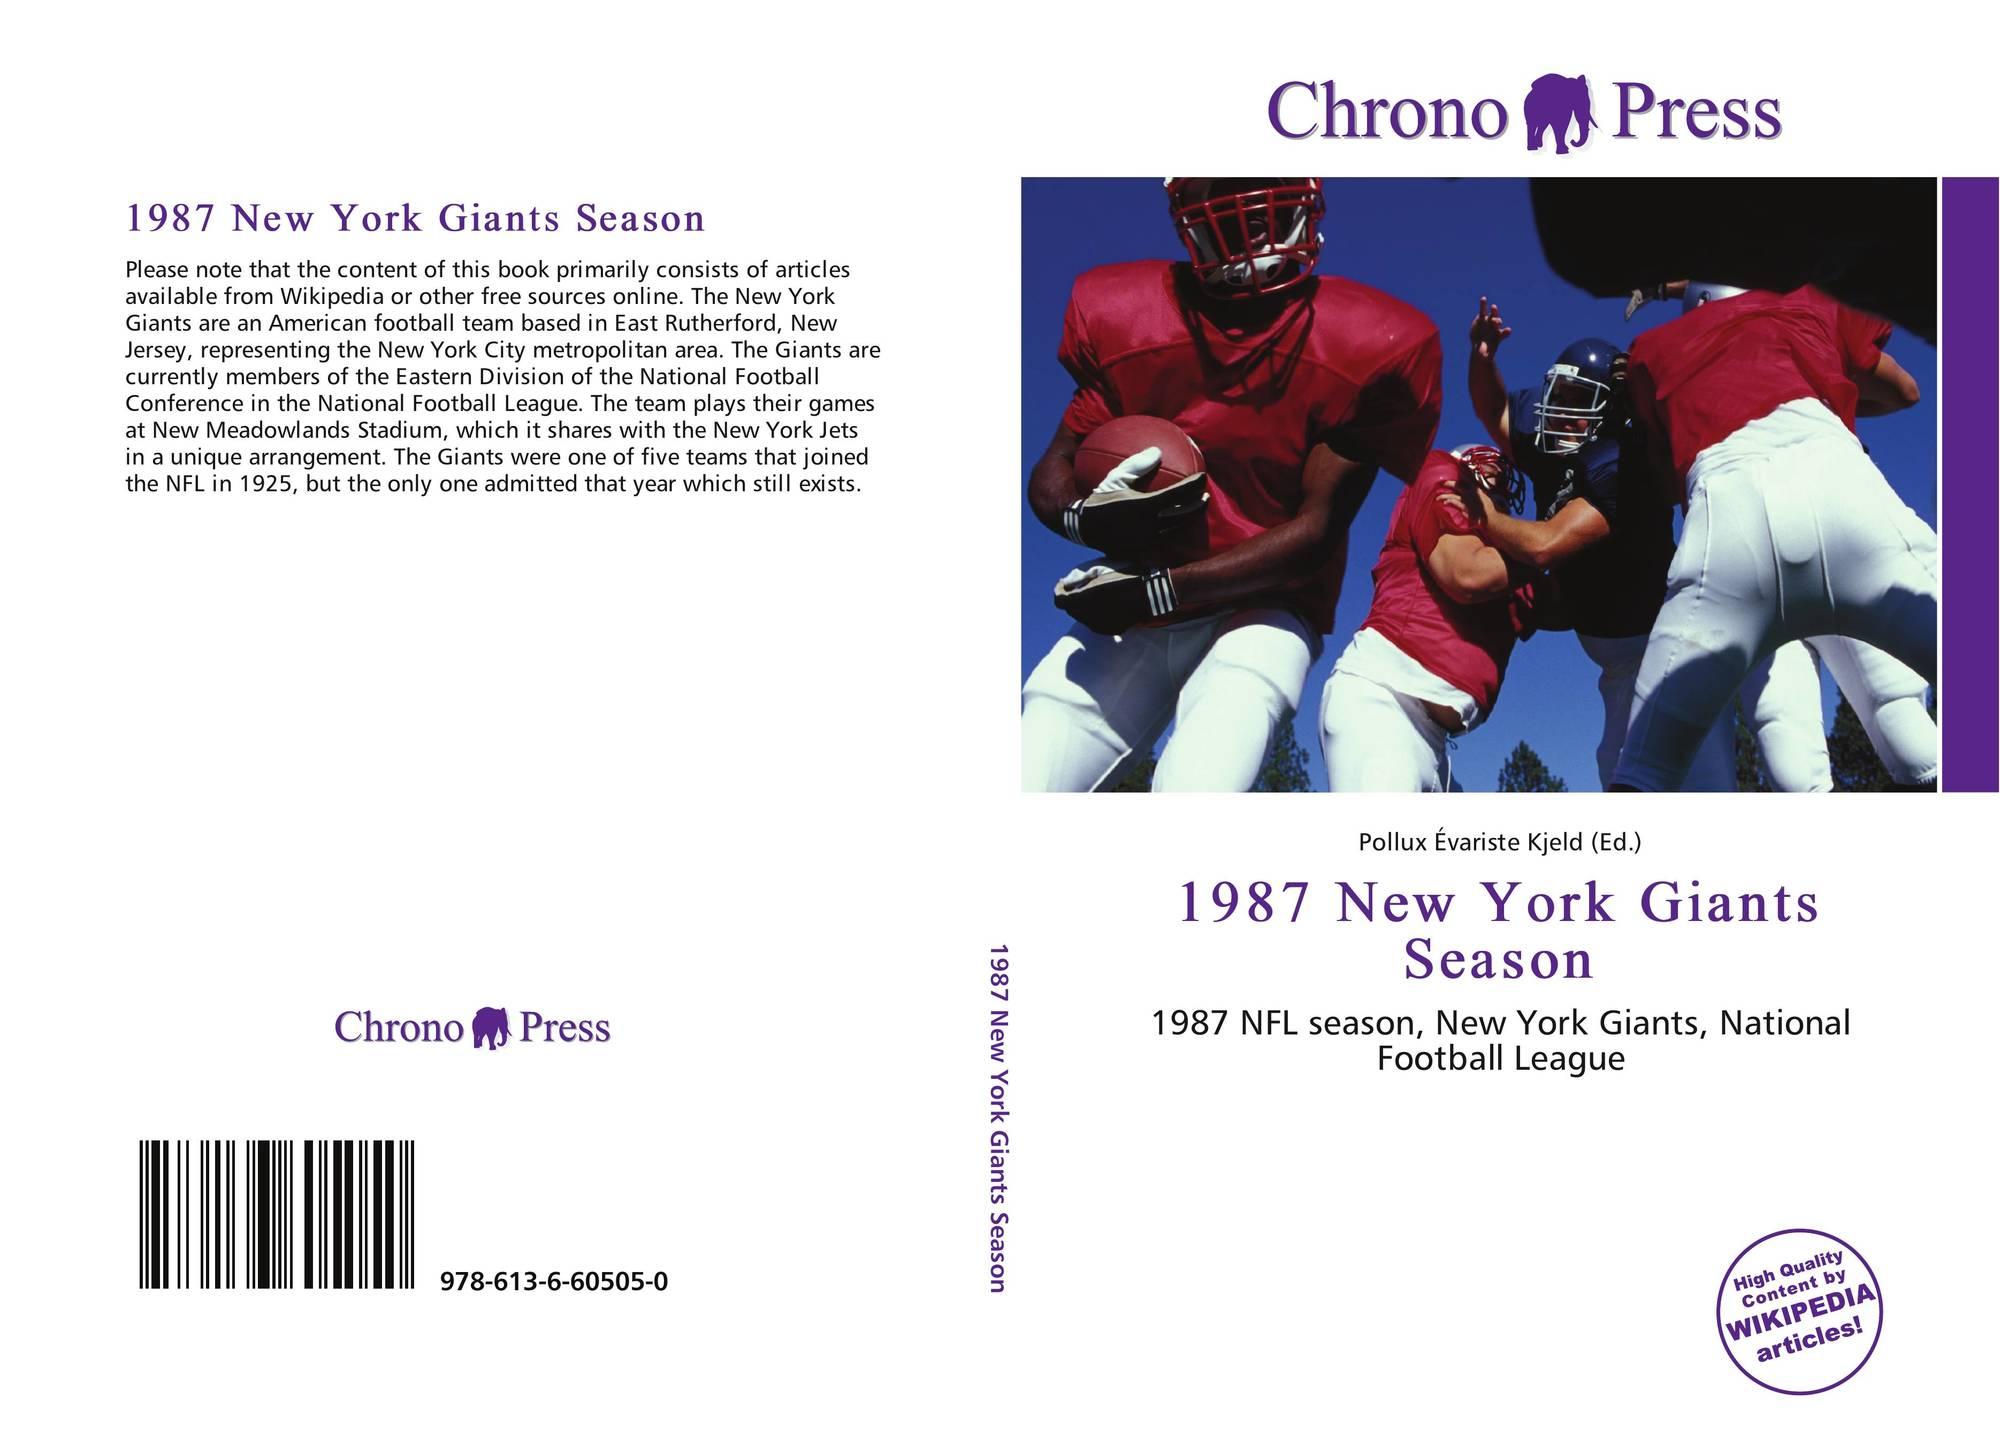 1987 New York Giants season